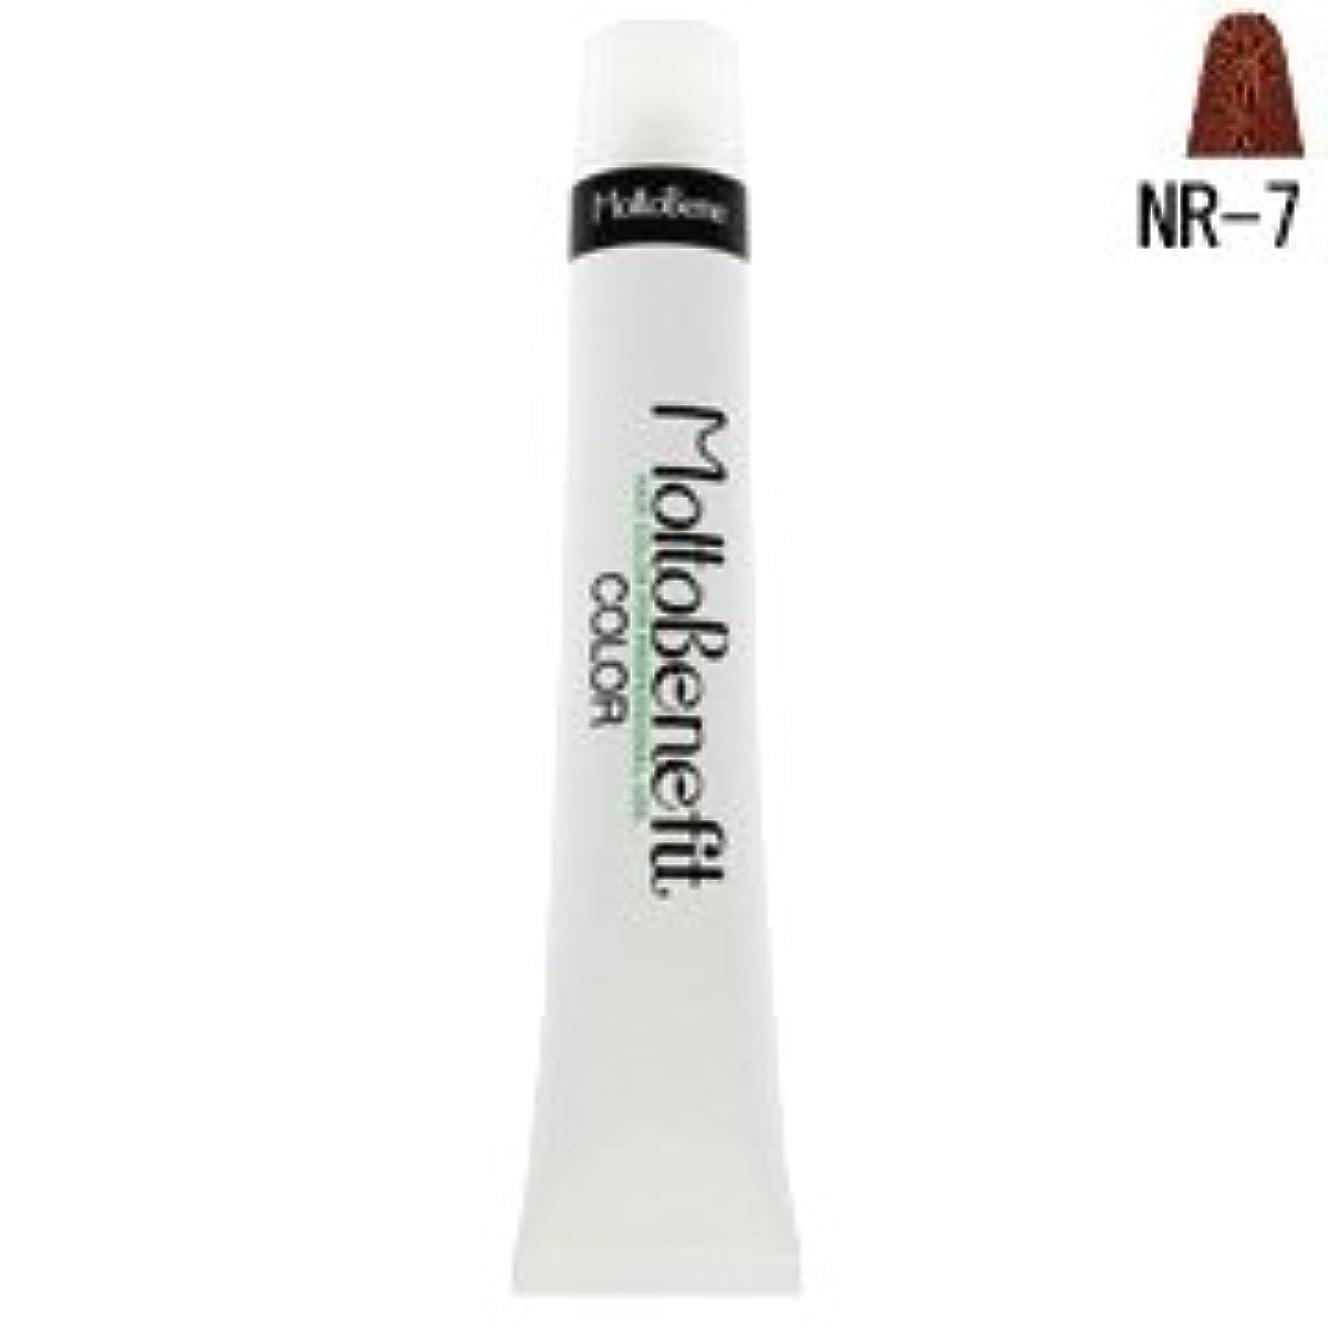 玉ねぎ真似る馬鹿【モルトベーネ】フィットカラー グレイナチュラルカラー NR-7 ナチュラルレッド 60g